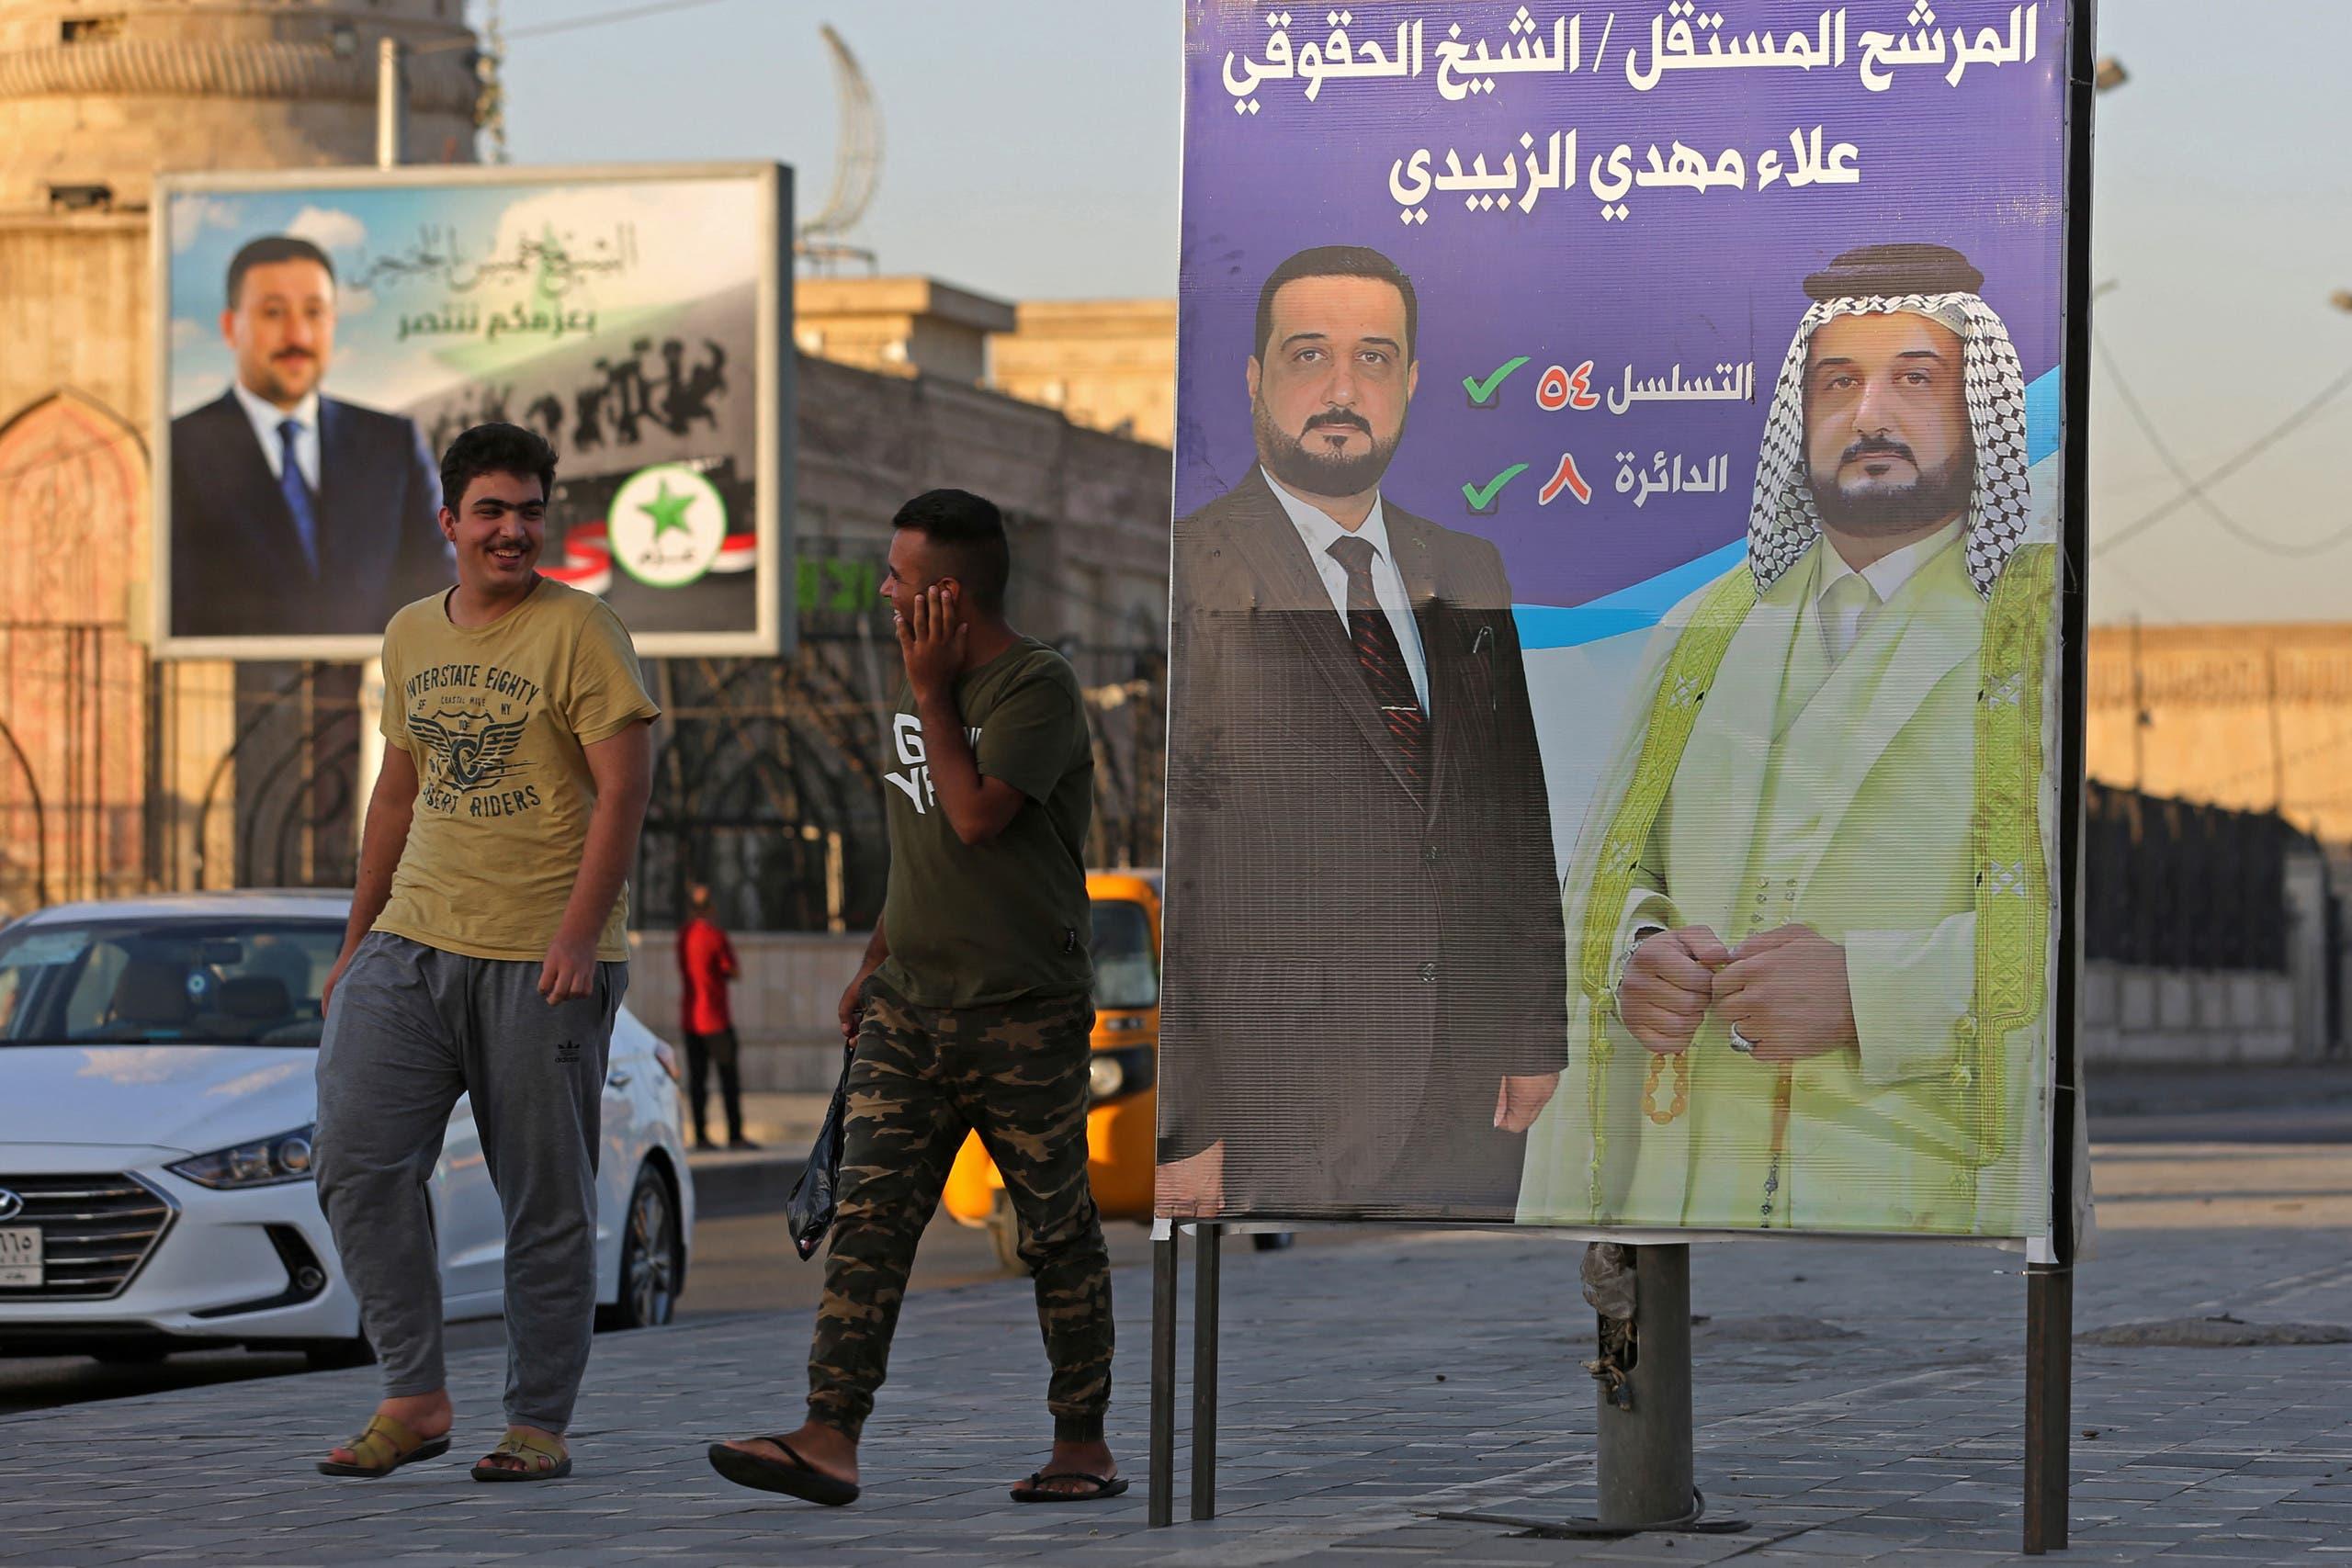 عکس نامزدهای انتخابات پارلمان عراق